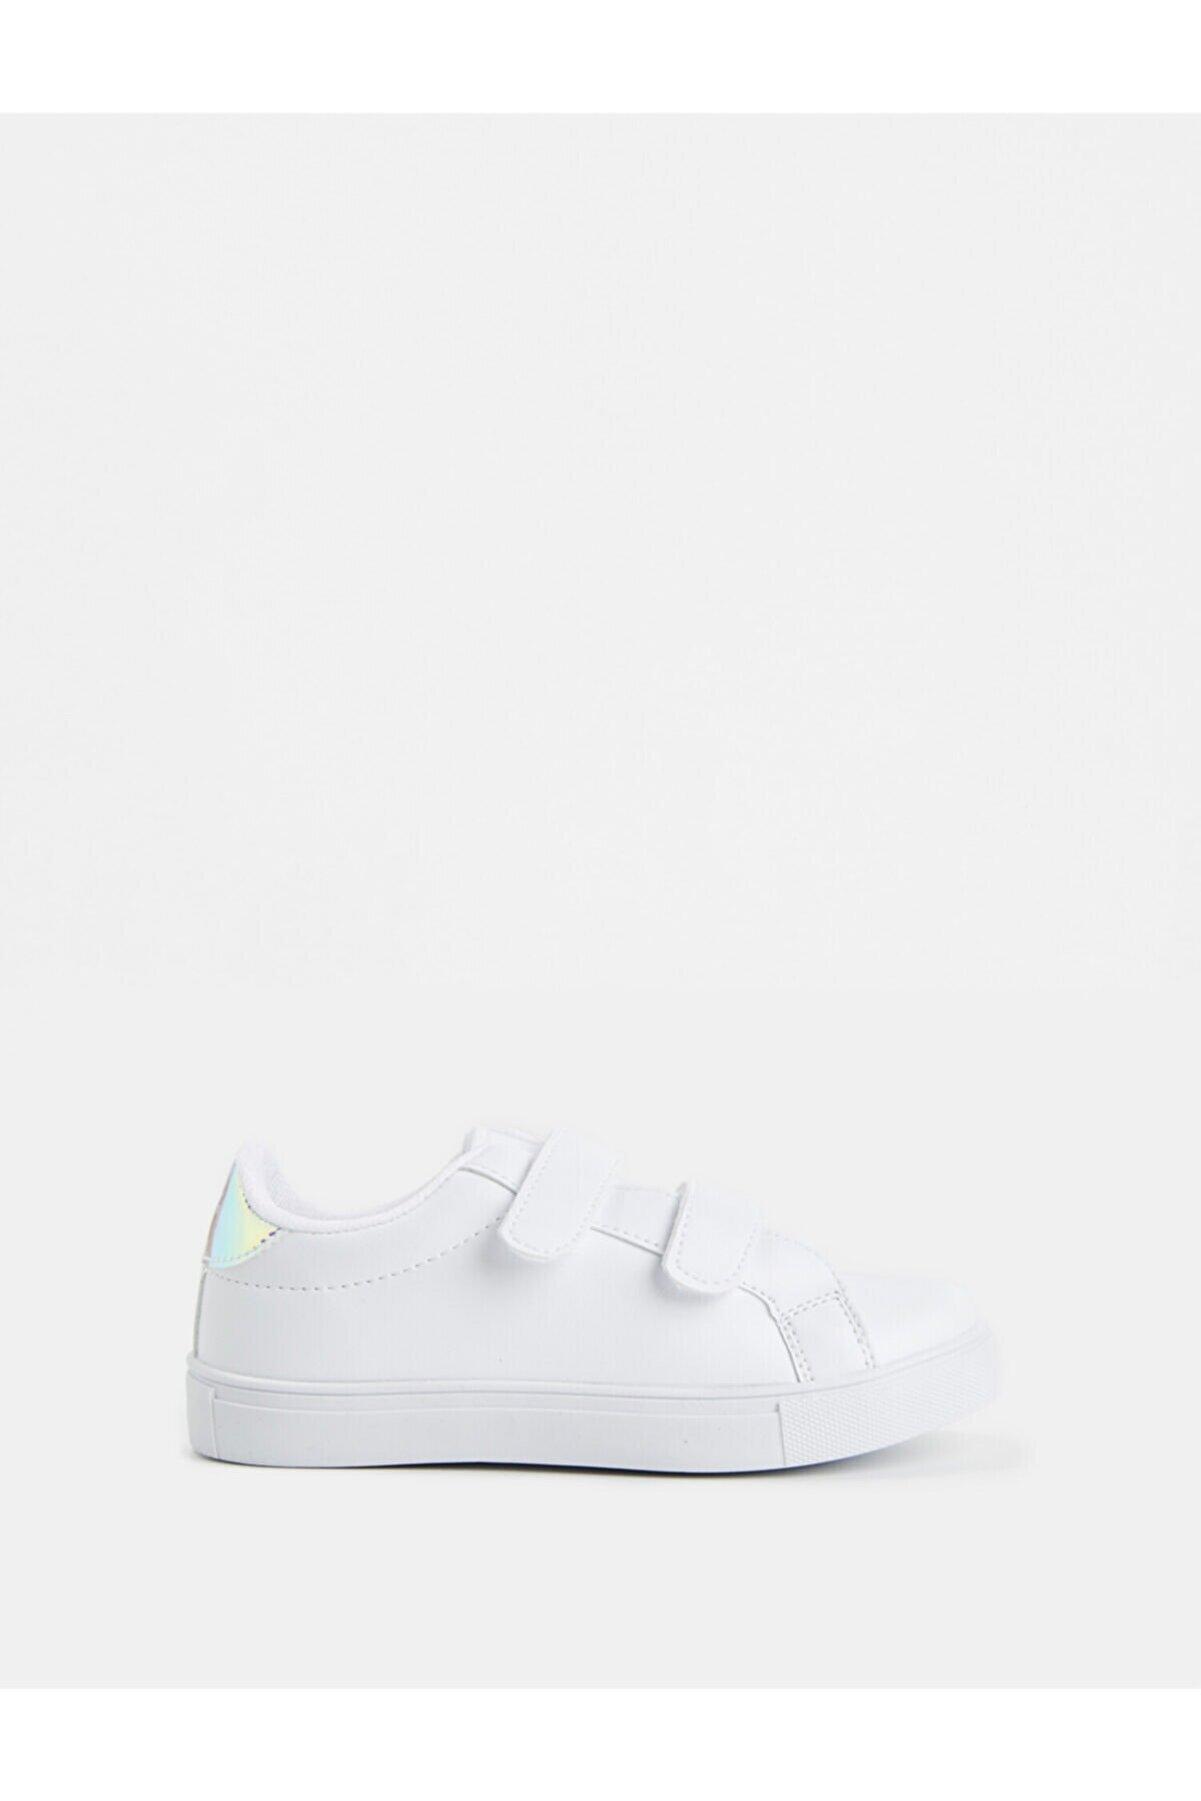 Koton Kız Çocuk Beyaz Spor Ayakkabi